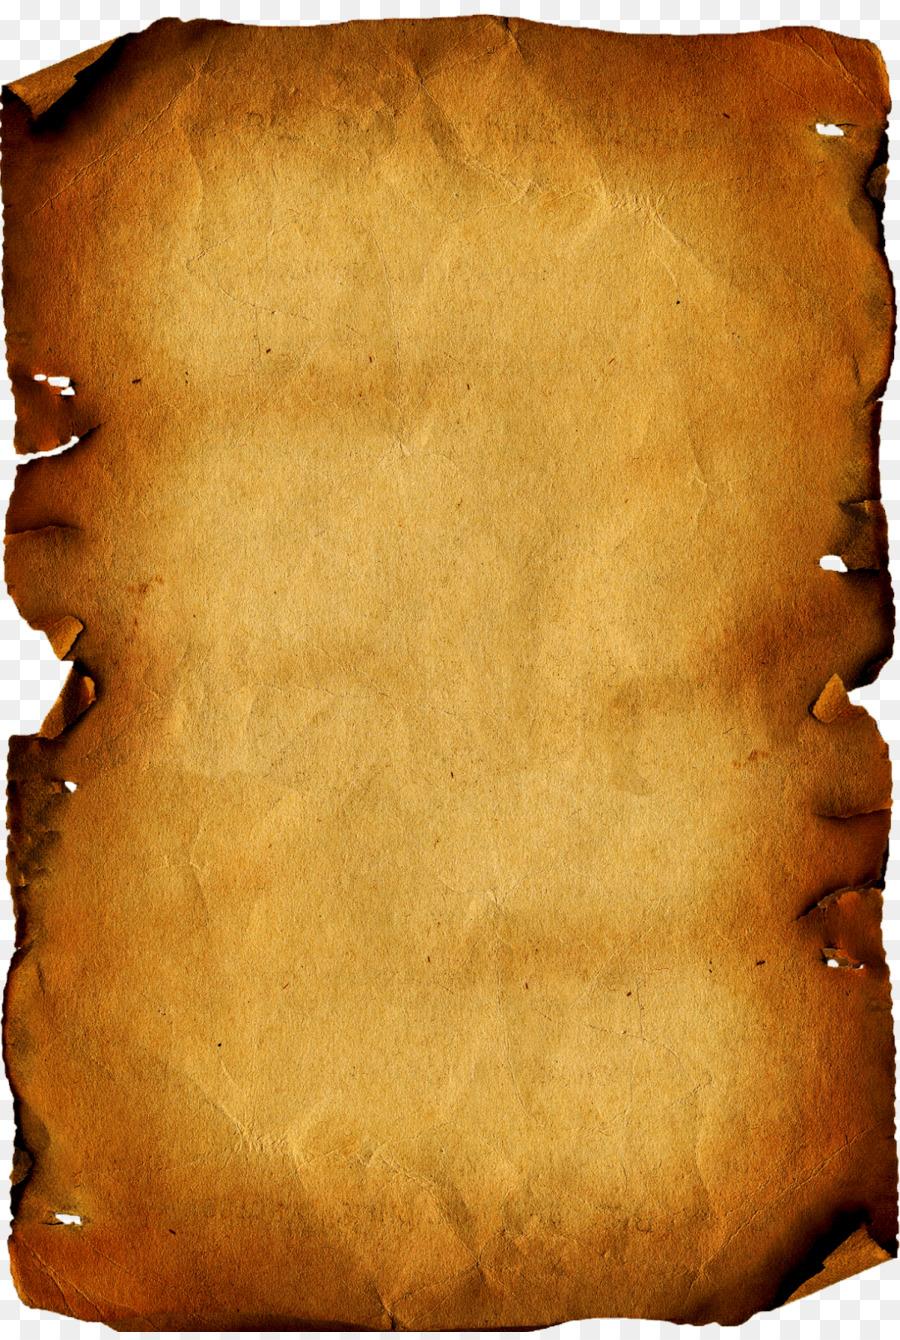 Картинки пергамента красивые